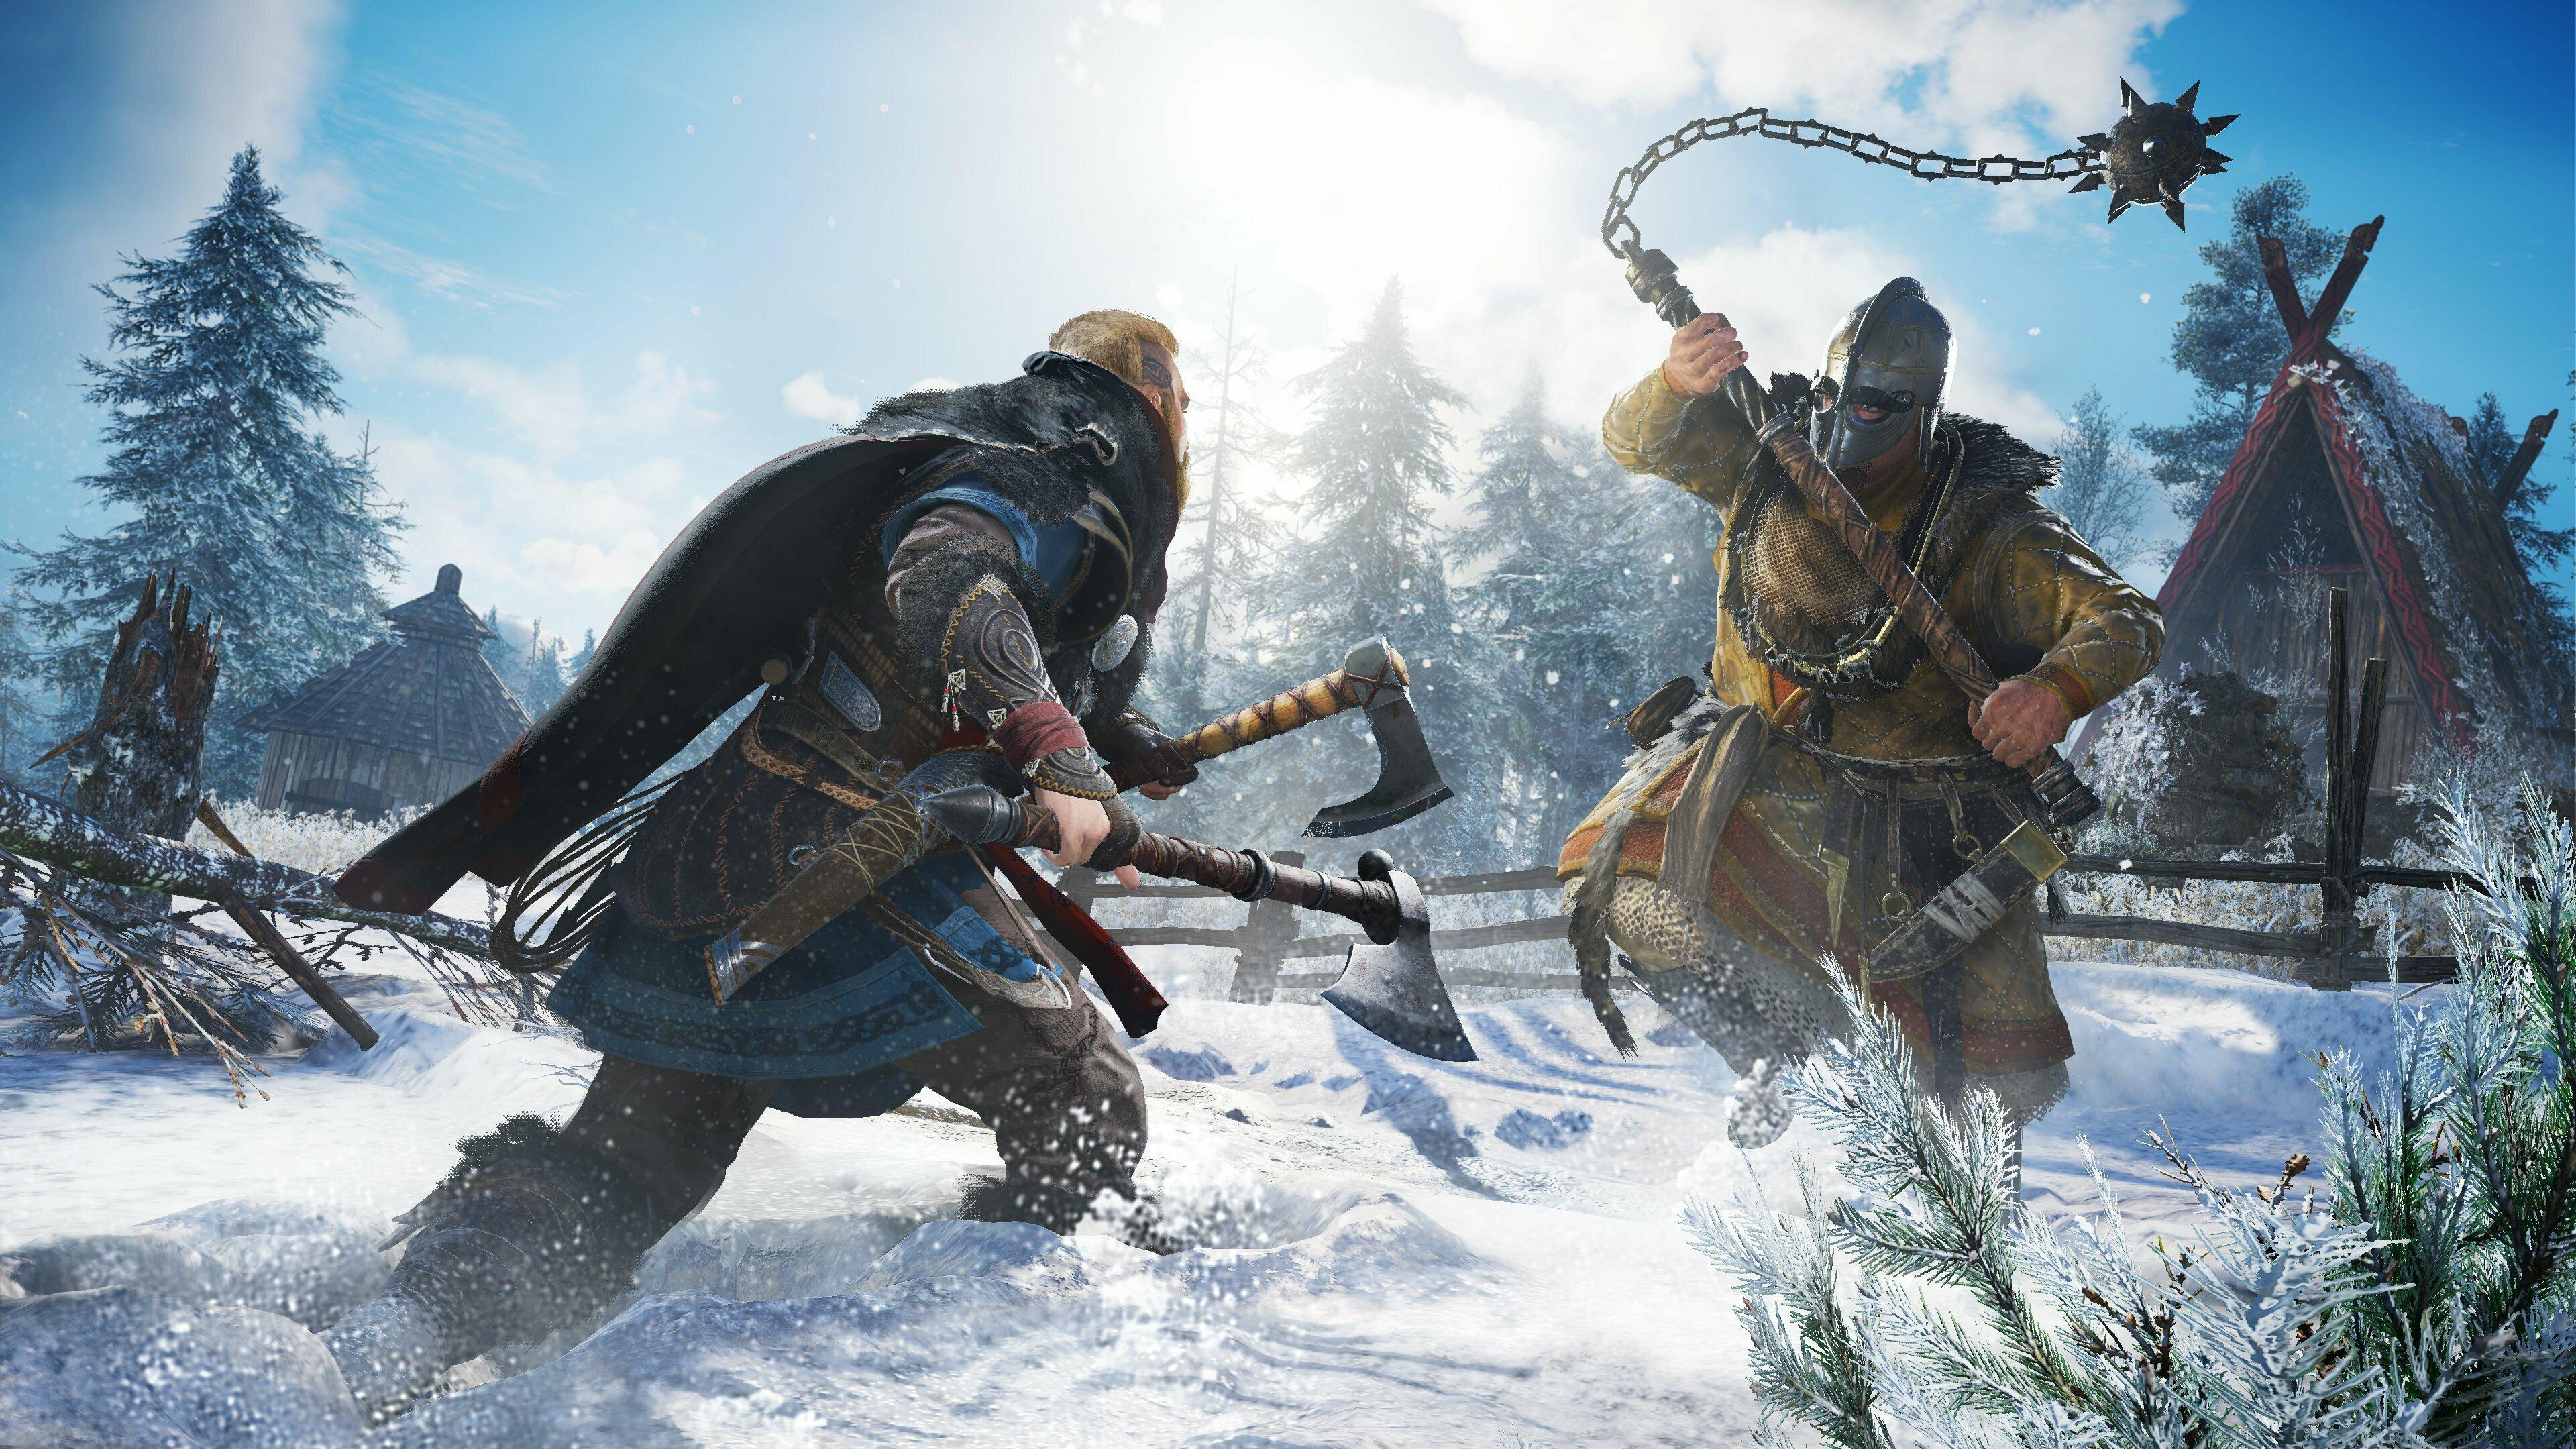 Også Assassins Creed-utviklerne i Ubisoft, og spillselskapet Bungie, har omtalt konflikten som Ubisoft-ansatte omtaler som et bransjeproblem.